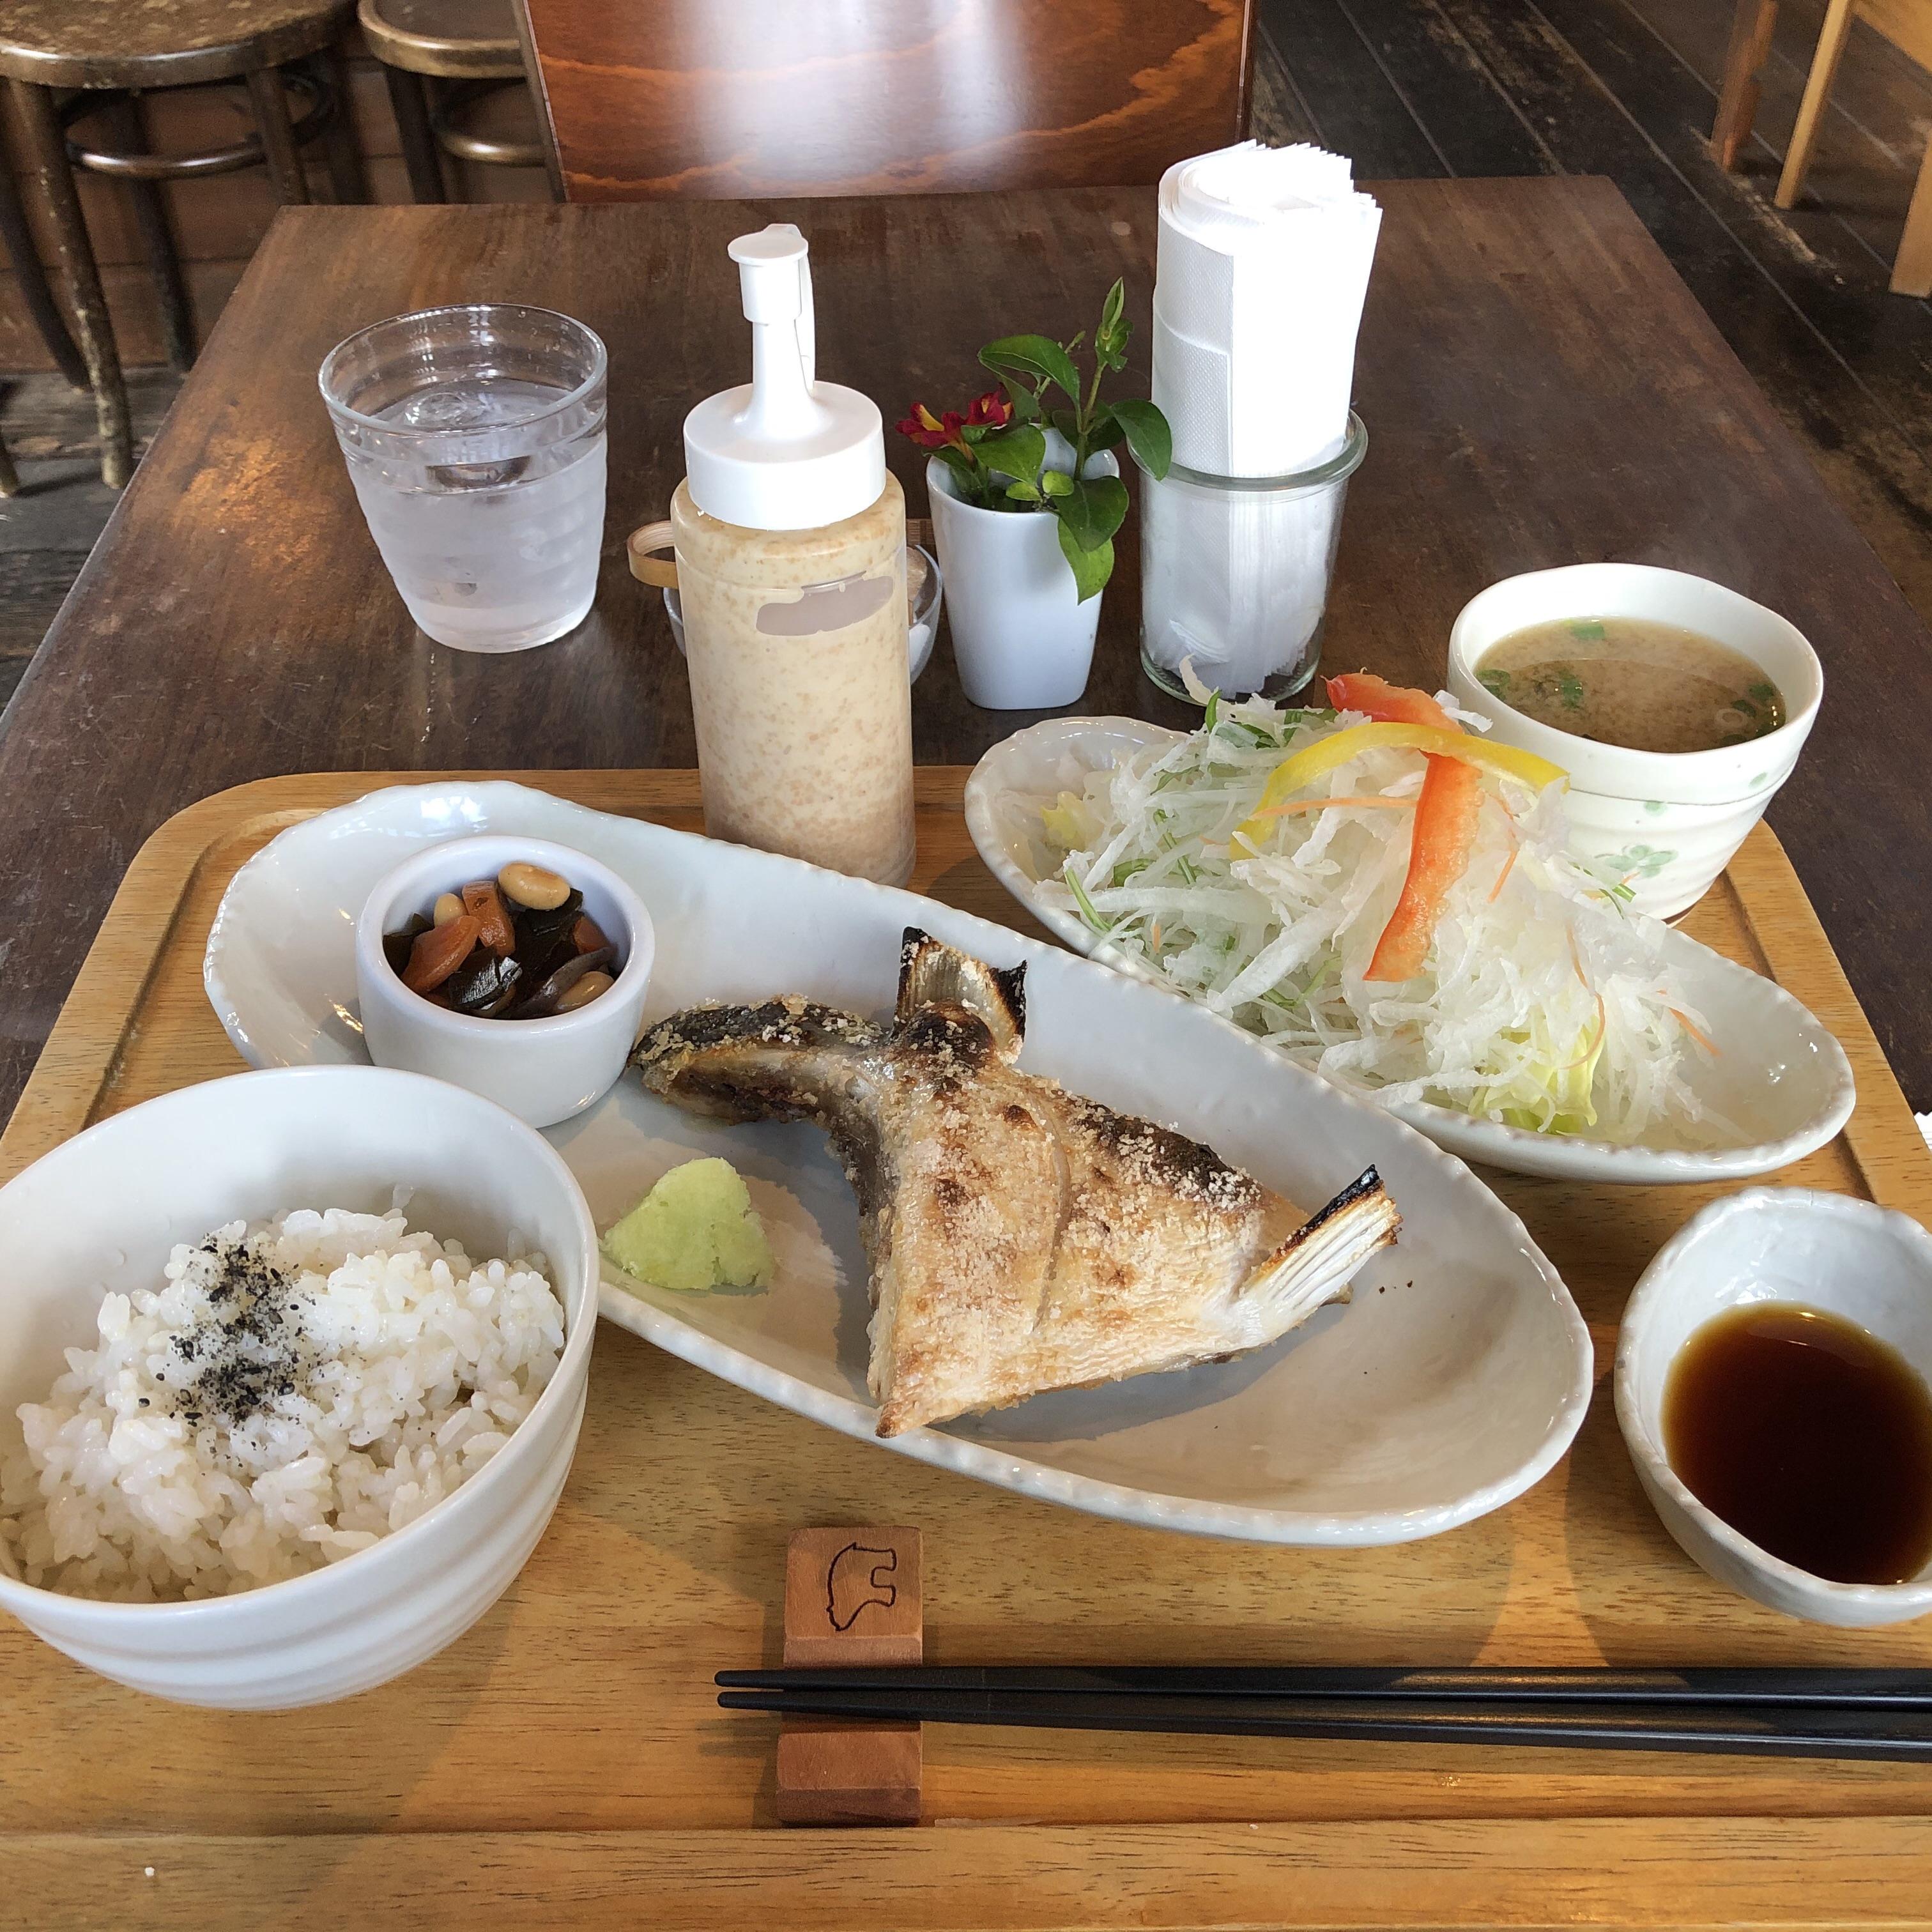 彦根市のステキなカフェはモクモク!ランチのぶりかまの塩焼きが美味しすぎて大満足